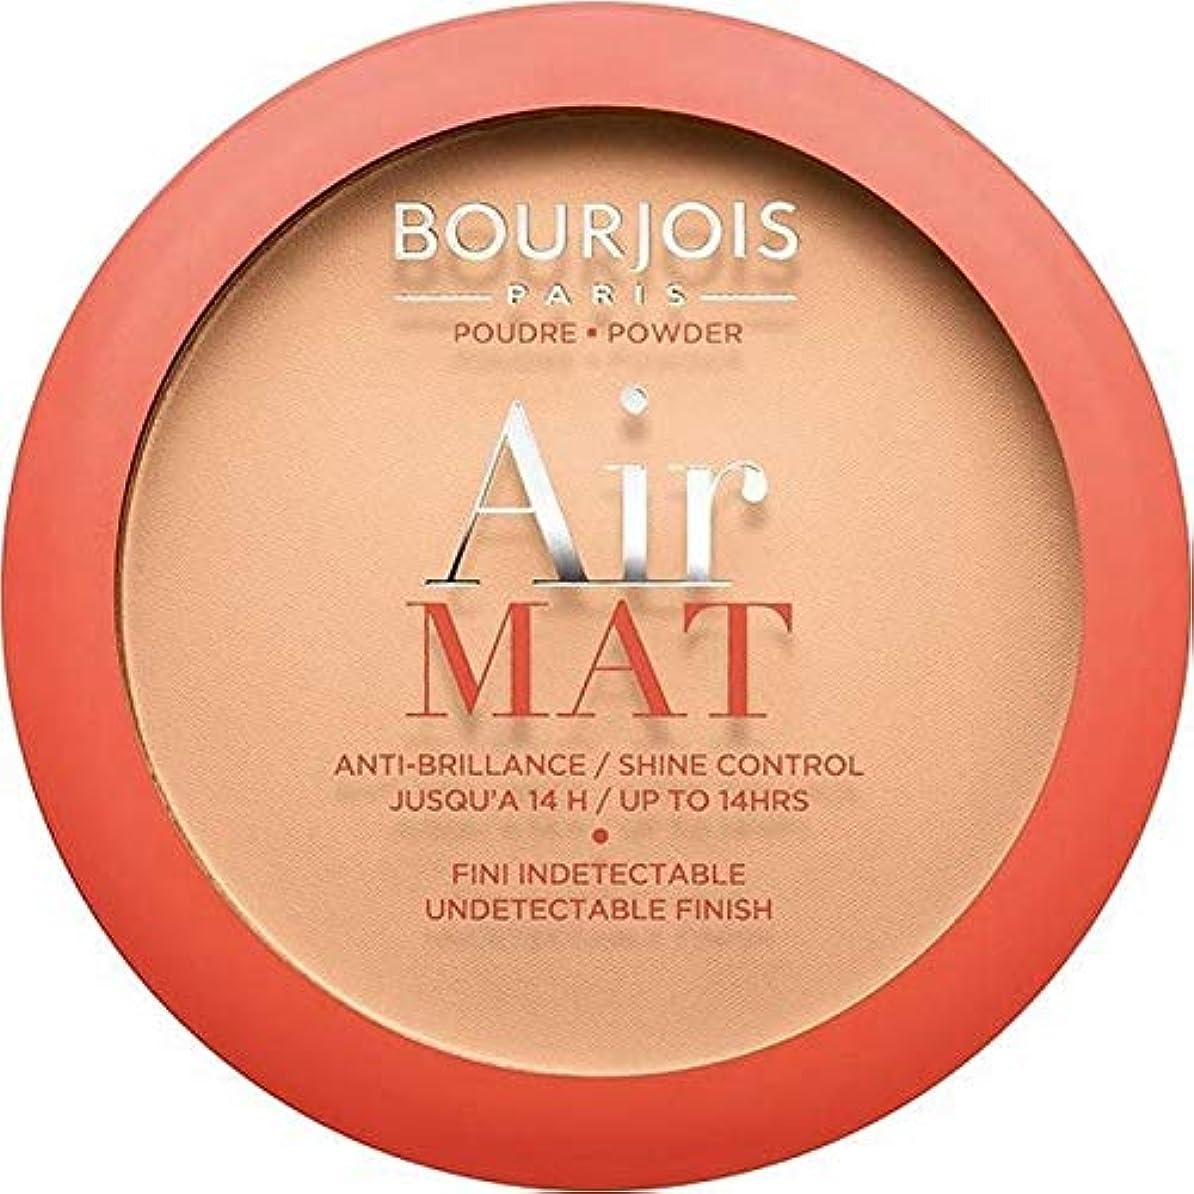 憂鬱迫害する発掘[Bourjois ] ブルジョワエアーマットは、粉末を押す - アプリコットベージュ - Bourjois Air Mat Pressed Powder - Apricot Beige [並行輸入品]